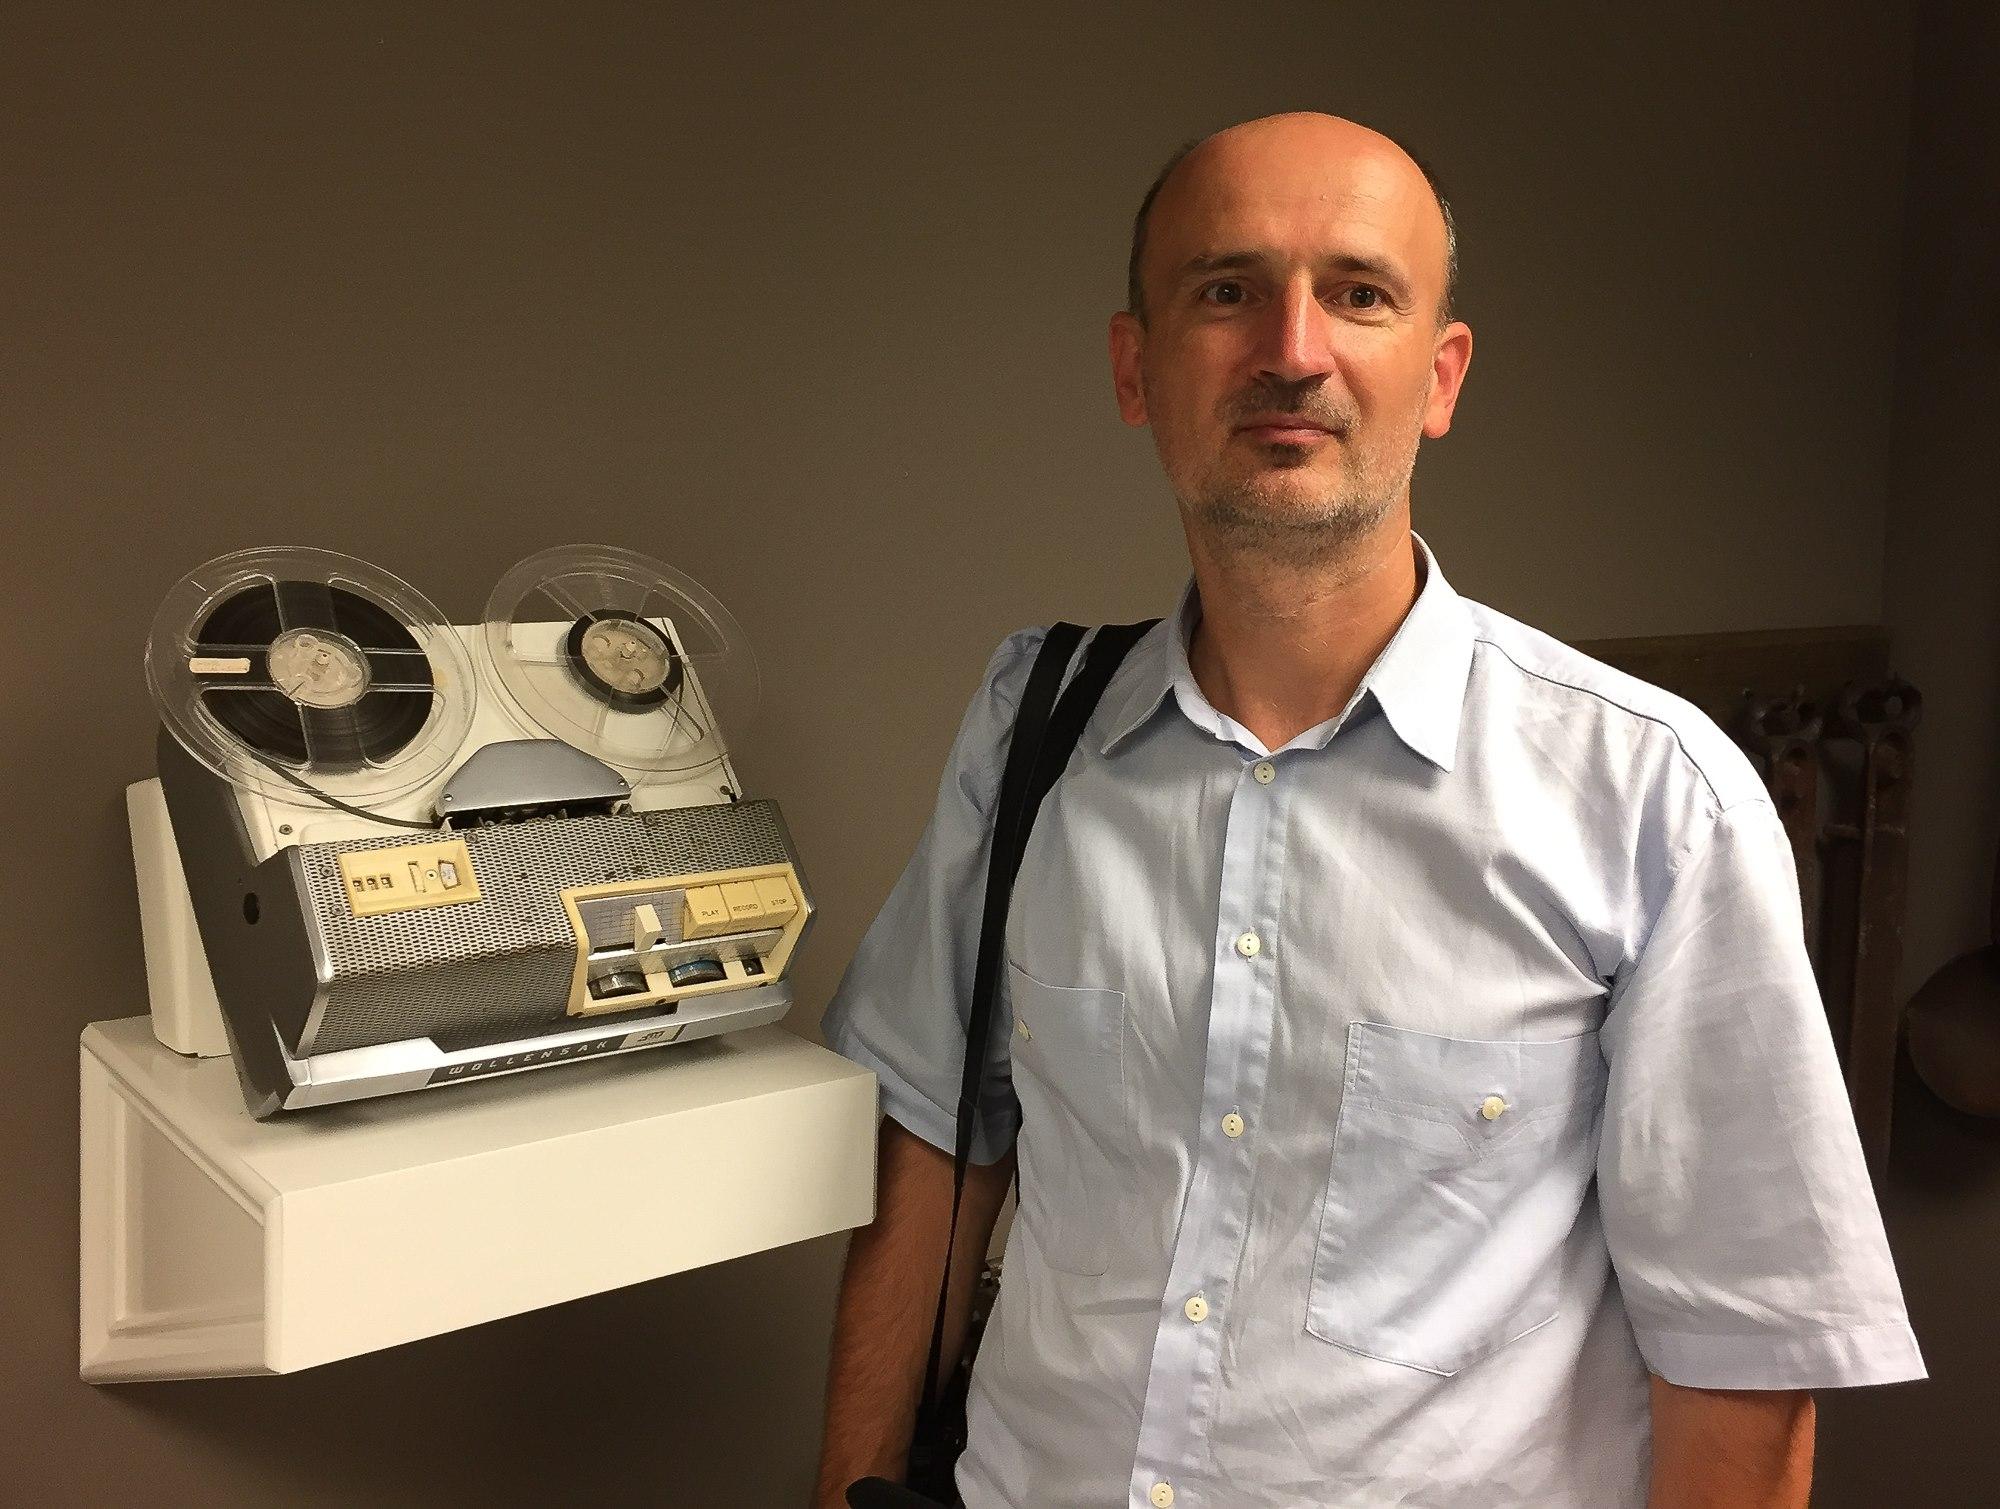 Magnetofon pe care erau înregistrate predicile fratelui Branham